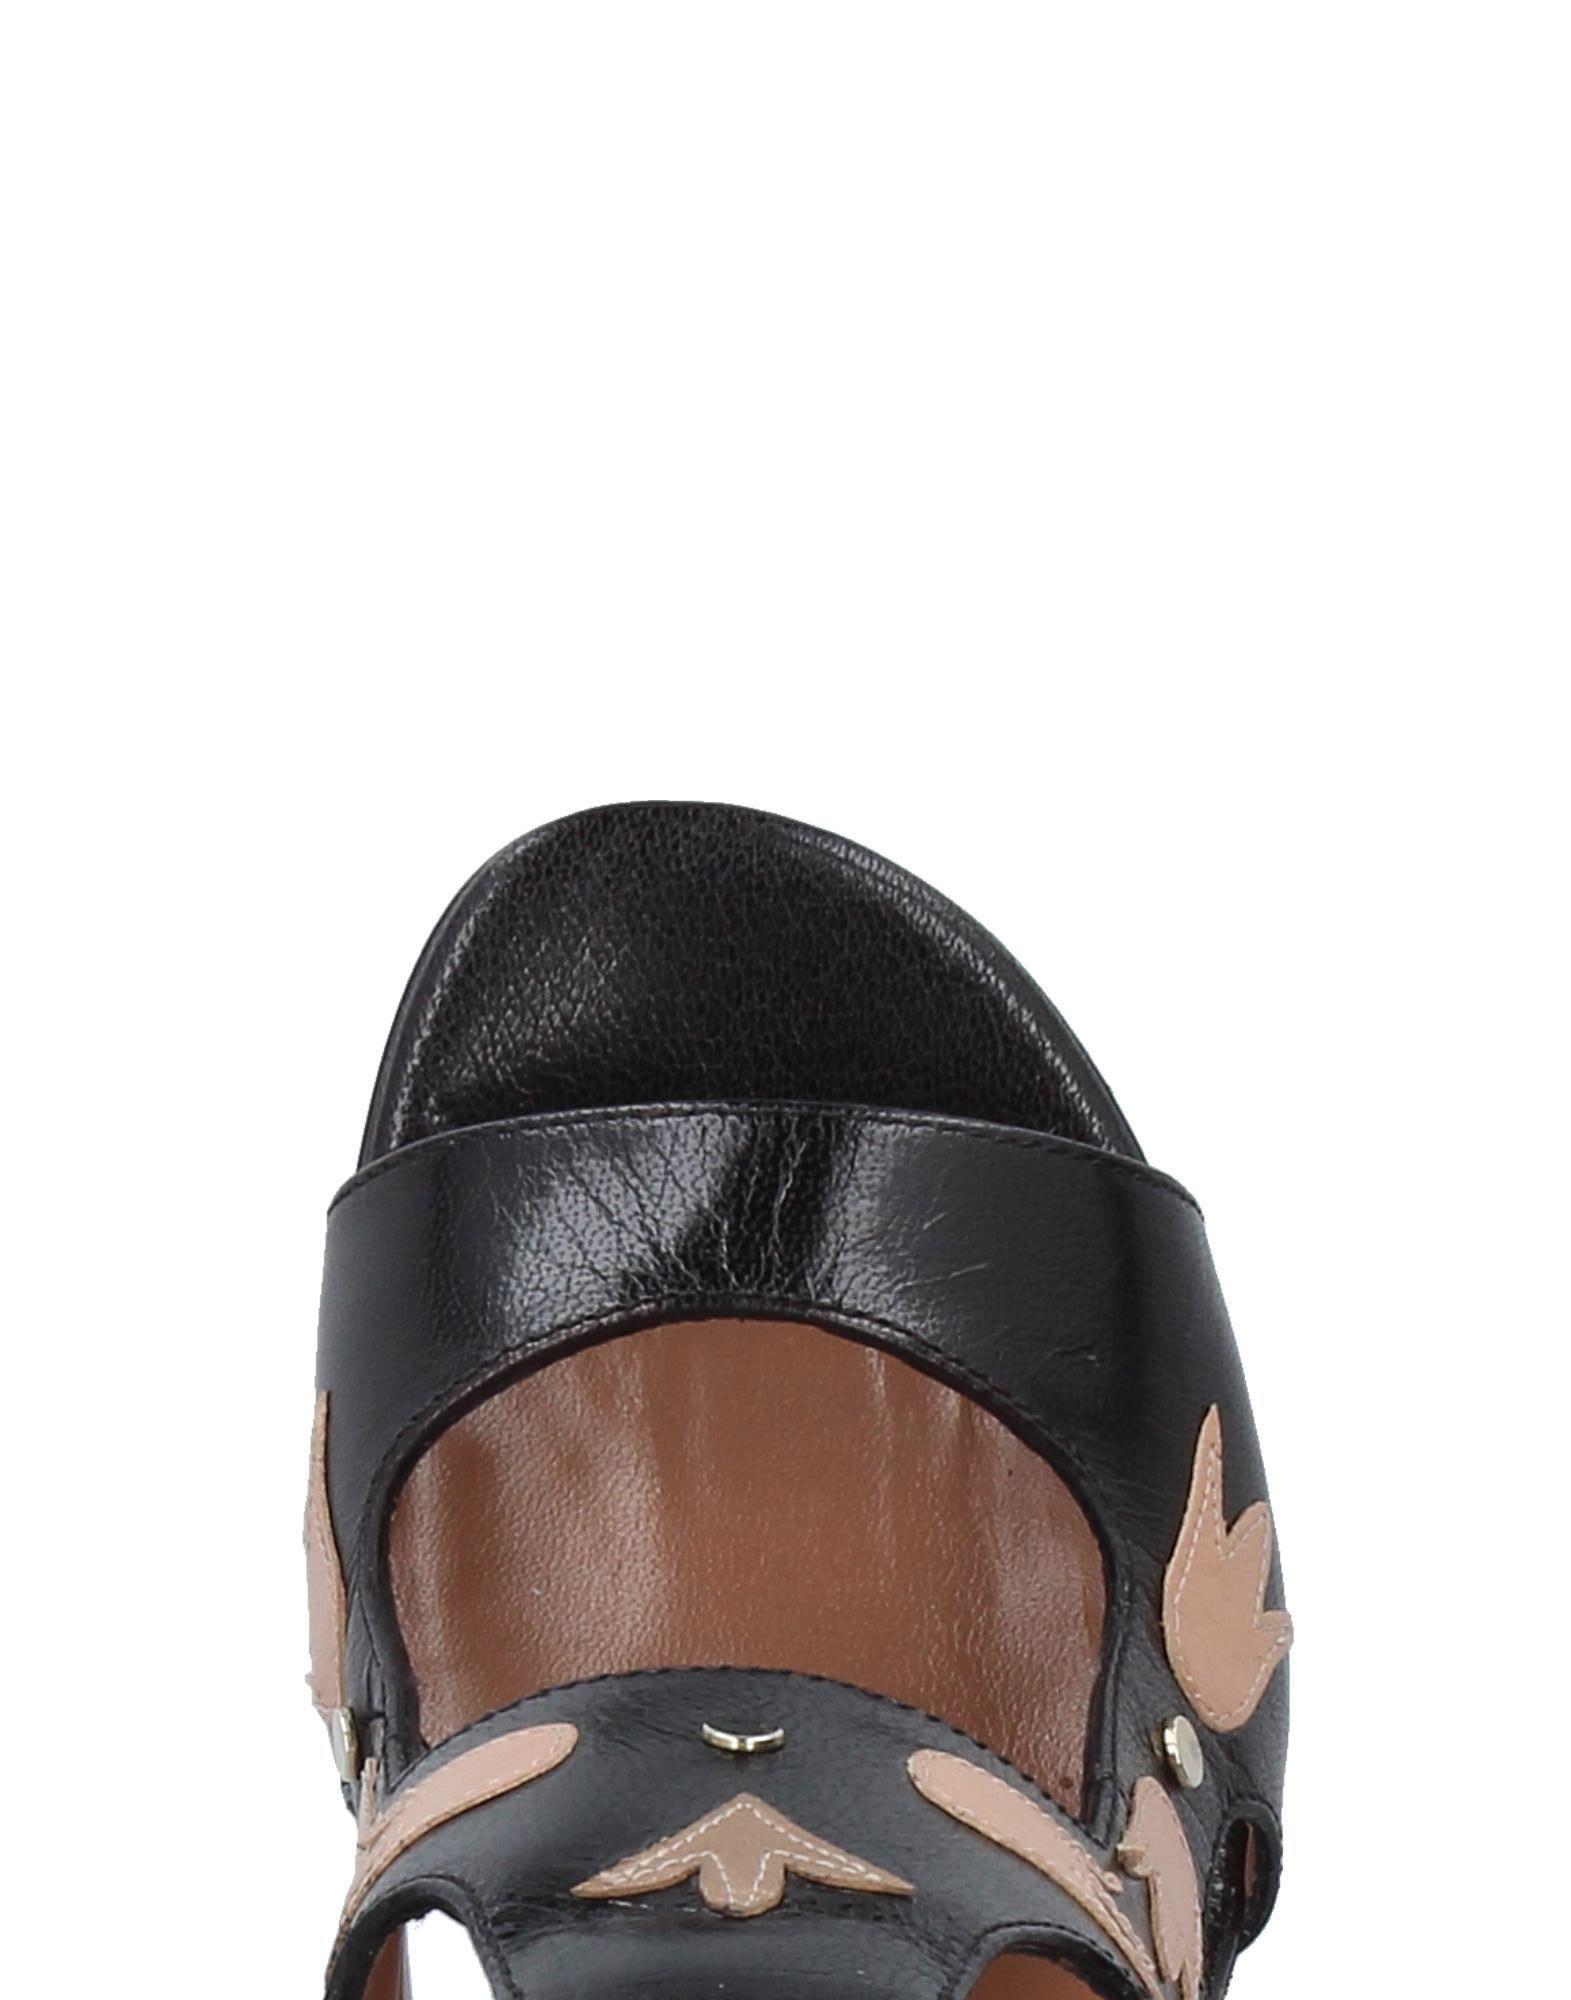 Gut billige um billige Gut Schuhe zu tragenLaurence Dacade Sandalen Damen  11416443KA 260fc8